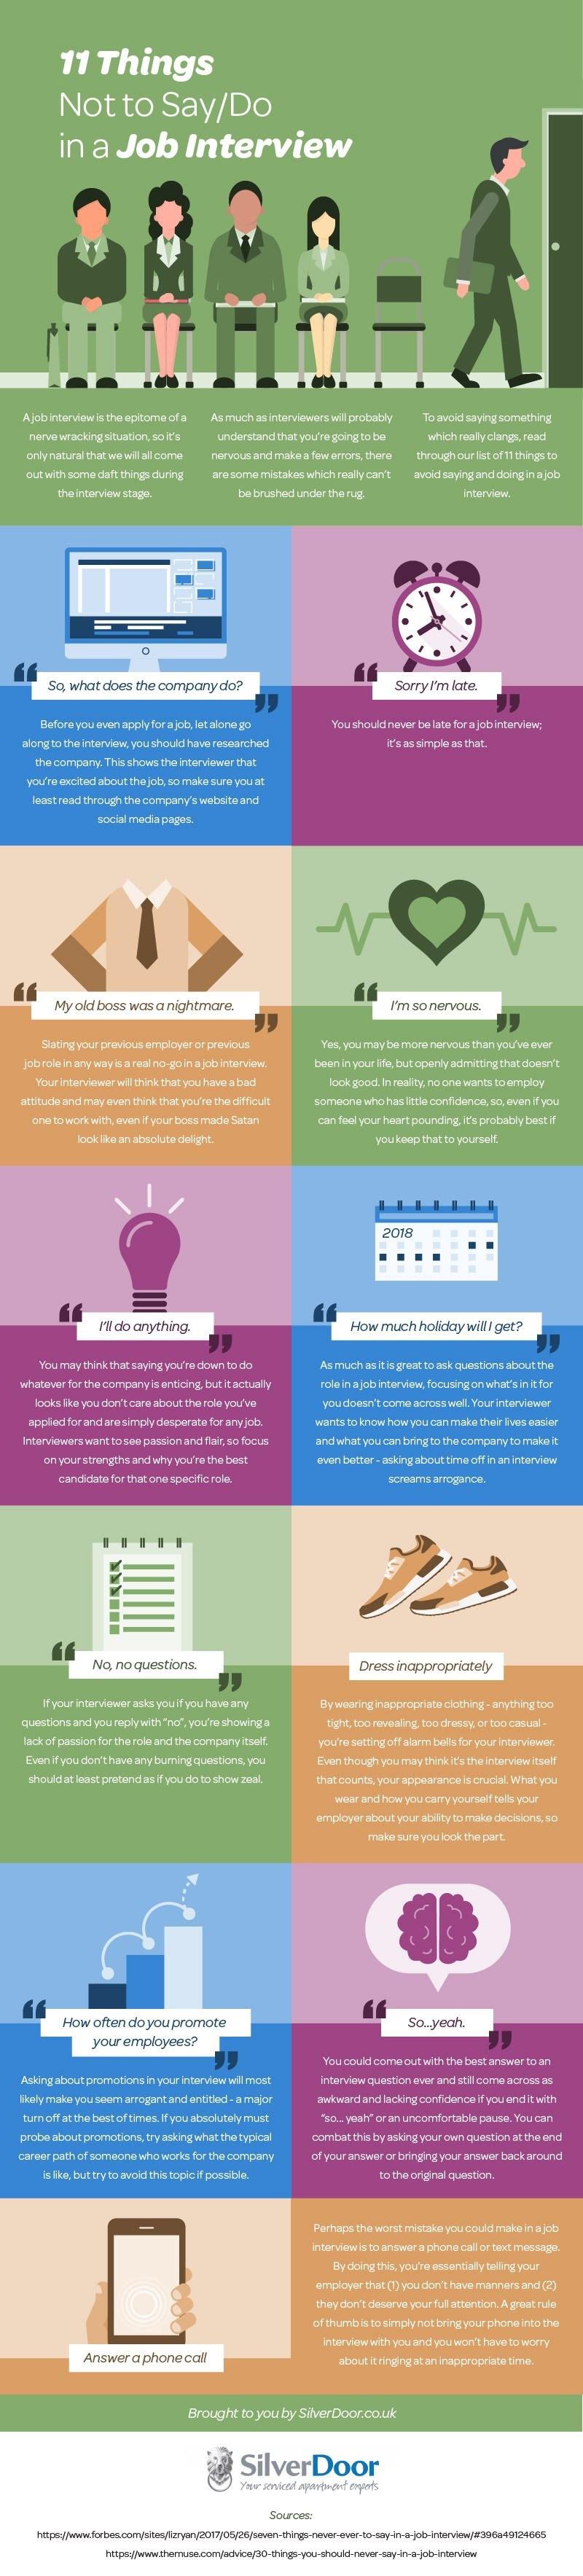 11 cosas que no debes hacer/decir en una entrevista de trabajo #infografia #empleo